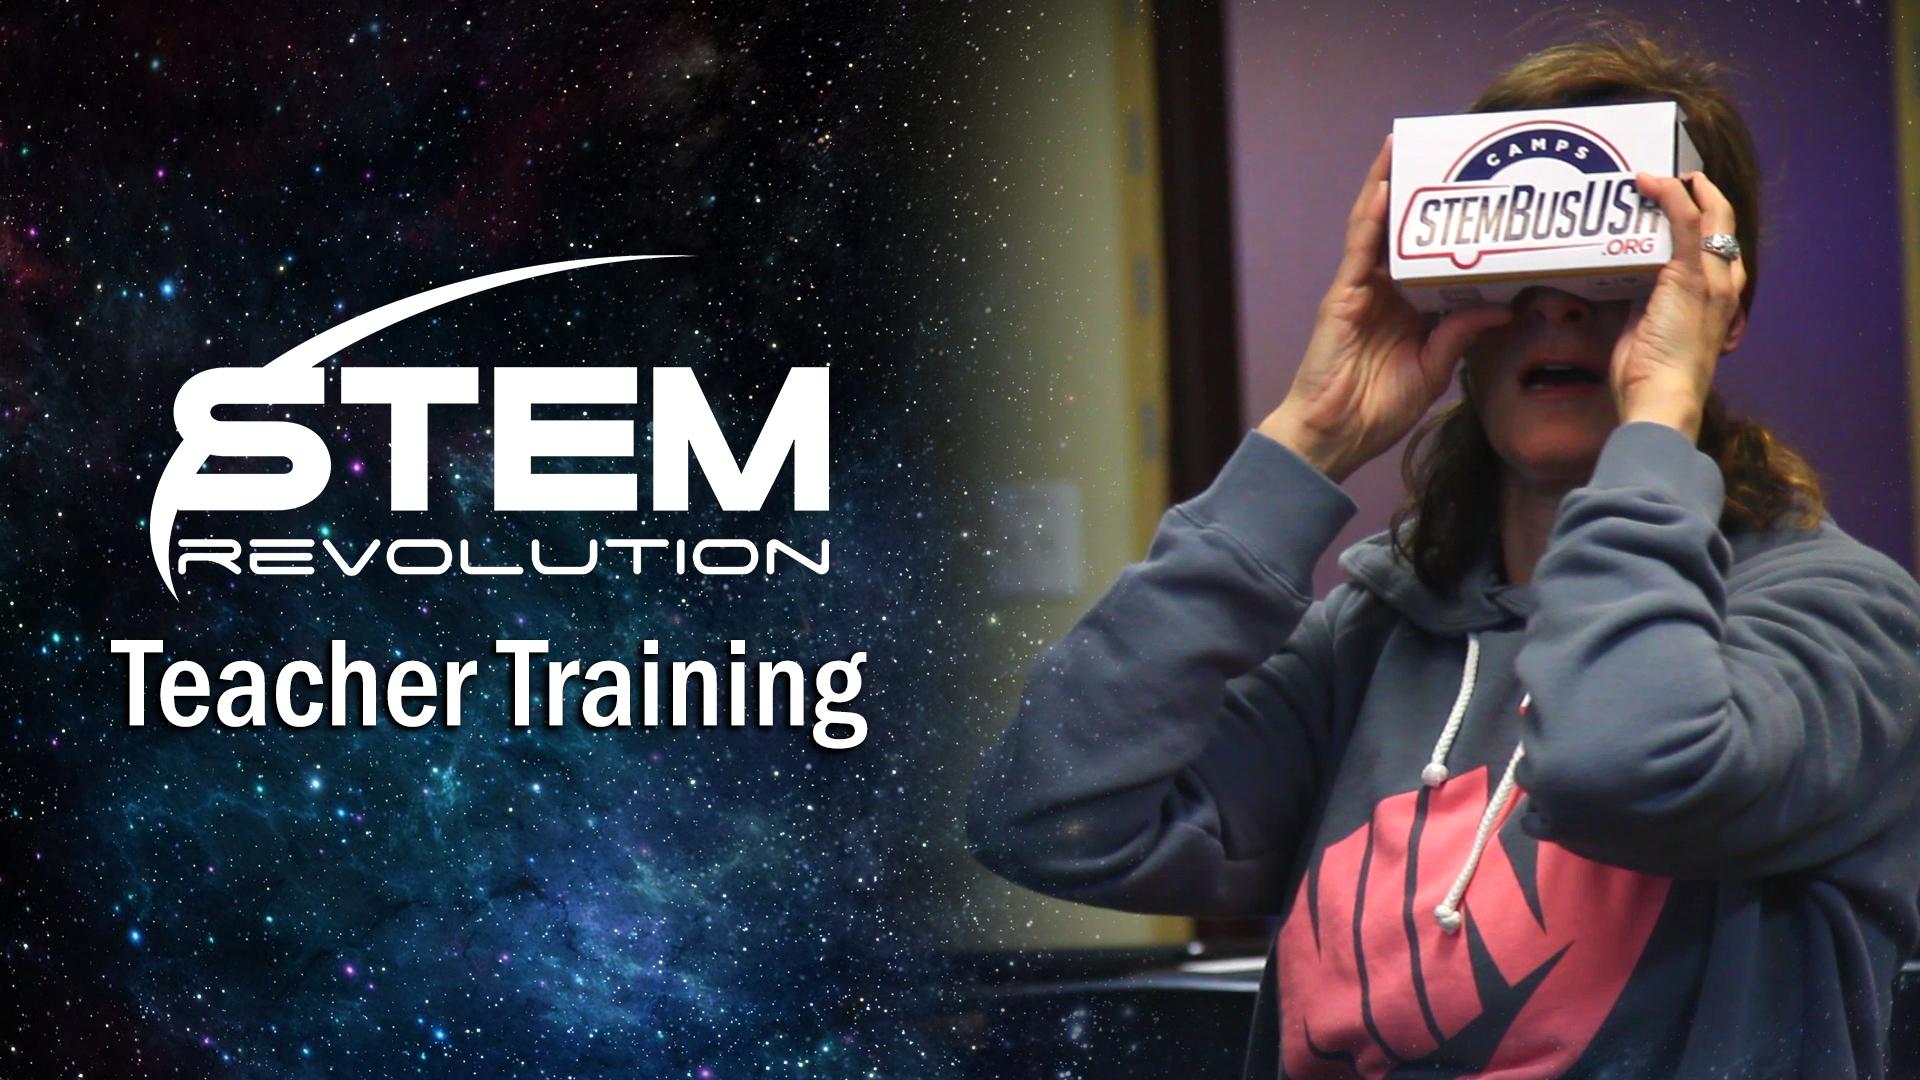 STEM Revolution - Teacher Training